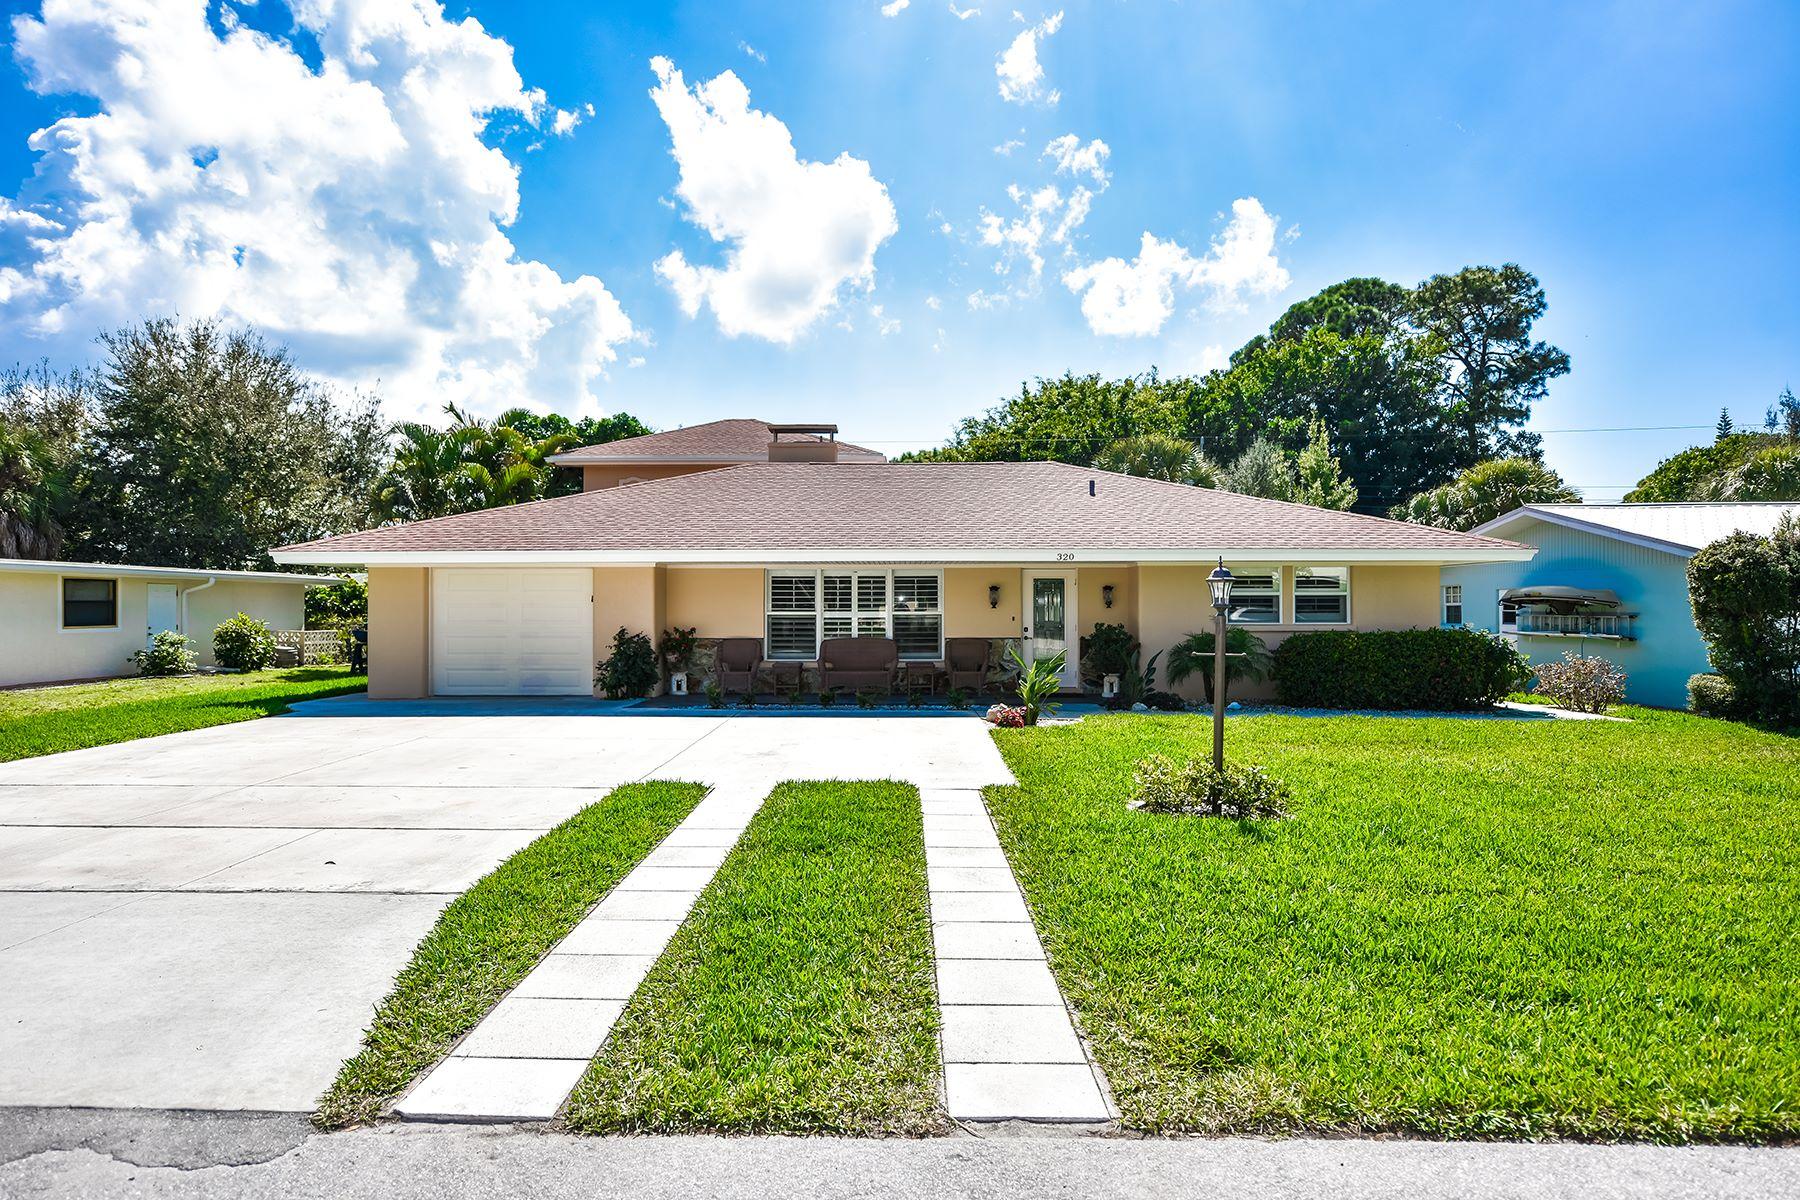 Частный односемейный дом для того Продажа на BEACH MANOR 320 Alba St E Venice, Флорида, 34285 Соединенные Штаты